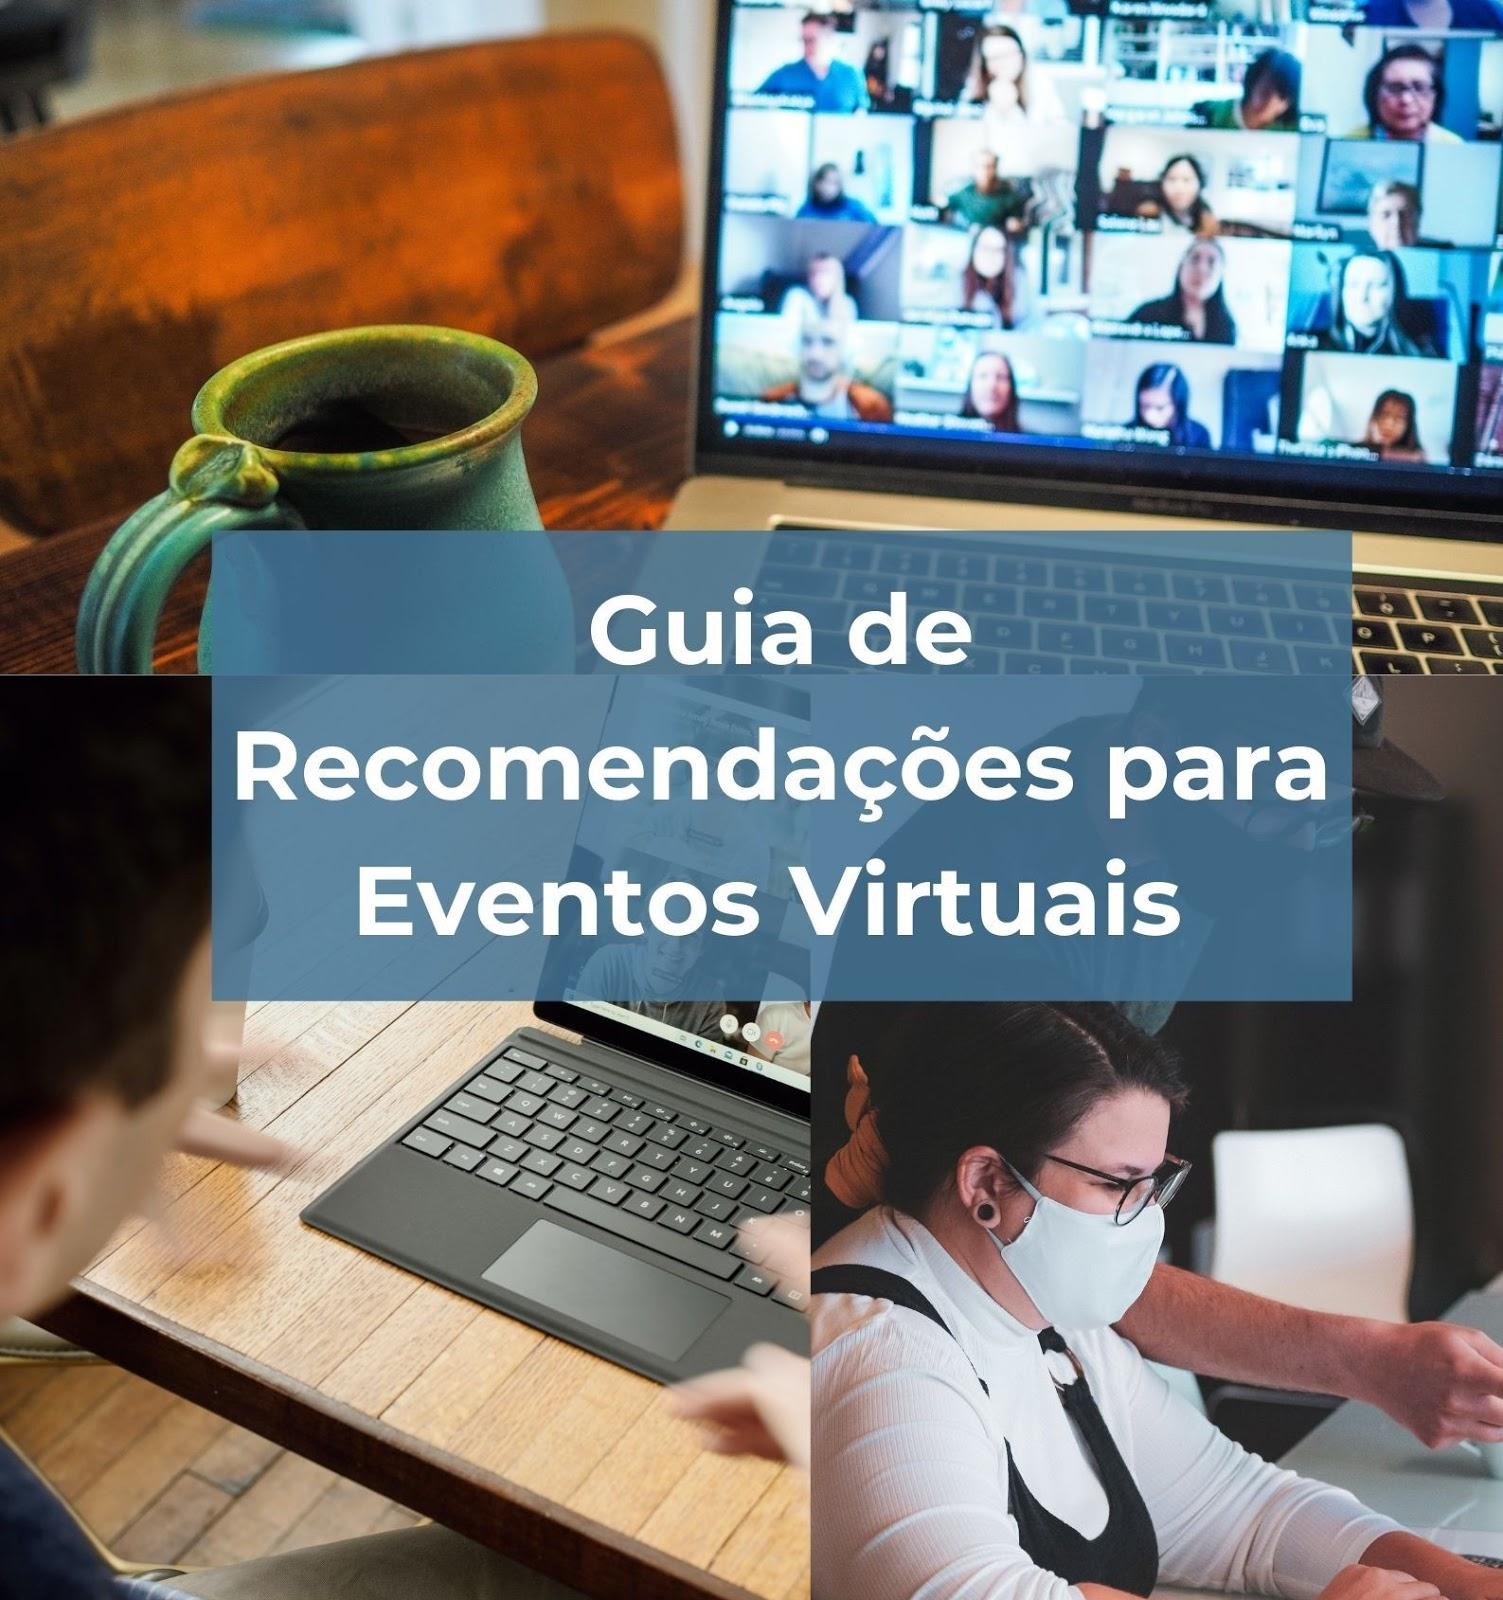 Participação e organização de eventos virtuais: o que vivenciamos e aprendemos nessa nova dinâmica